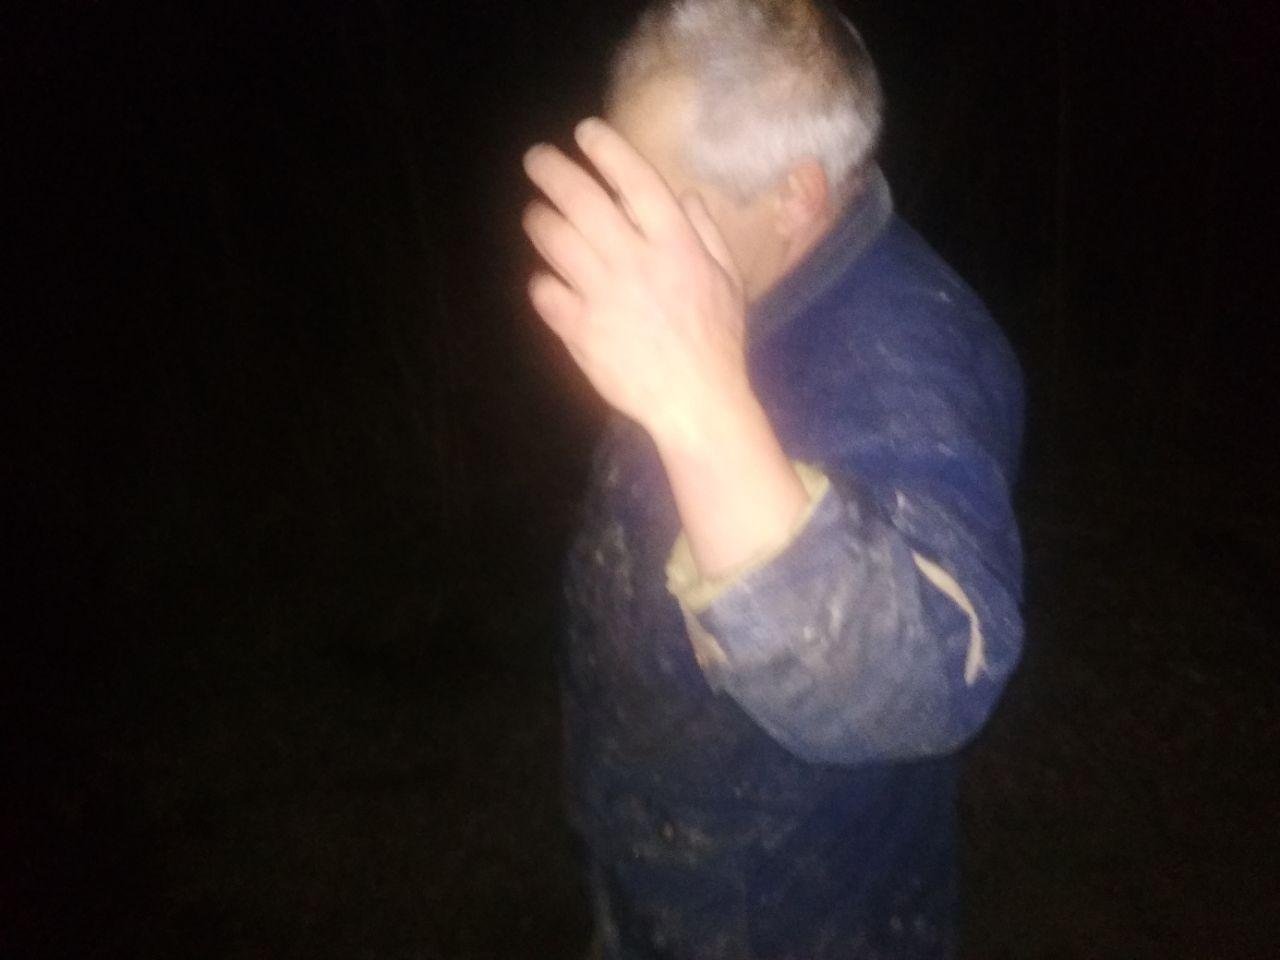 На Буковині склали проколол на чоловіка, який незаконно наловив риби на 34 тисячі гривень, фото-2